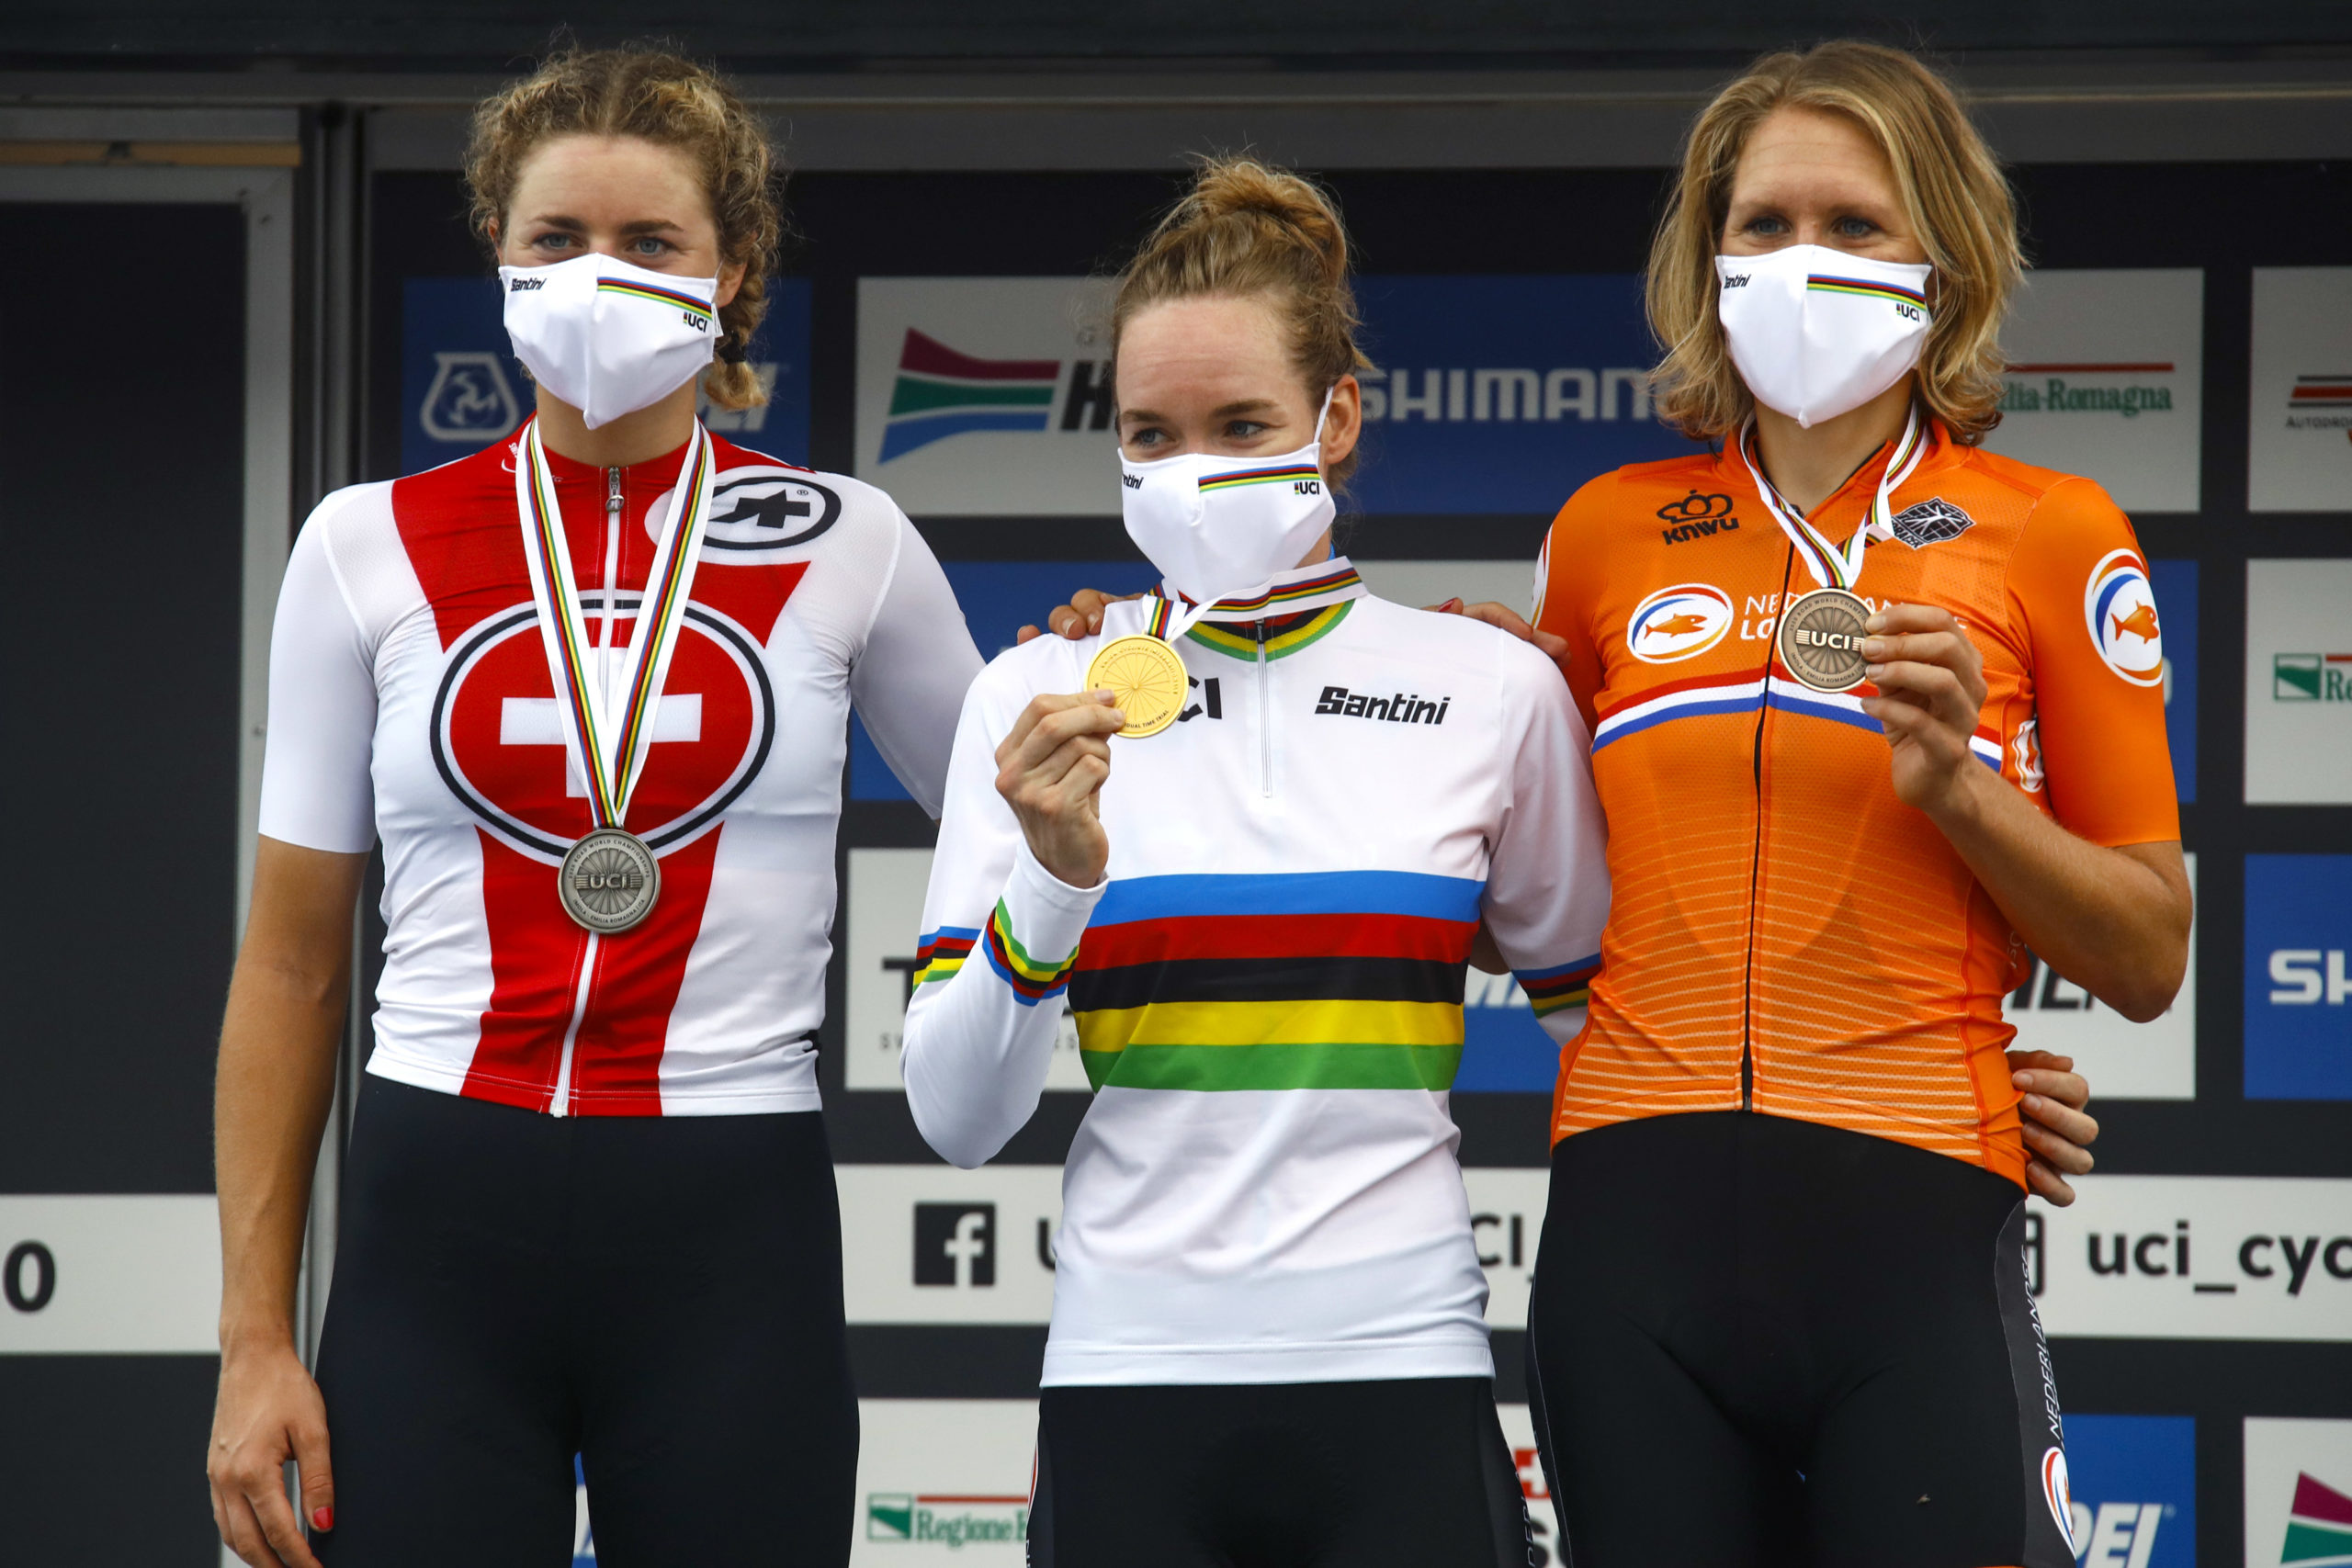 Hollænder blev verdensmester. Dansk syvendeplads